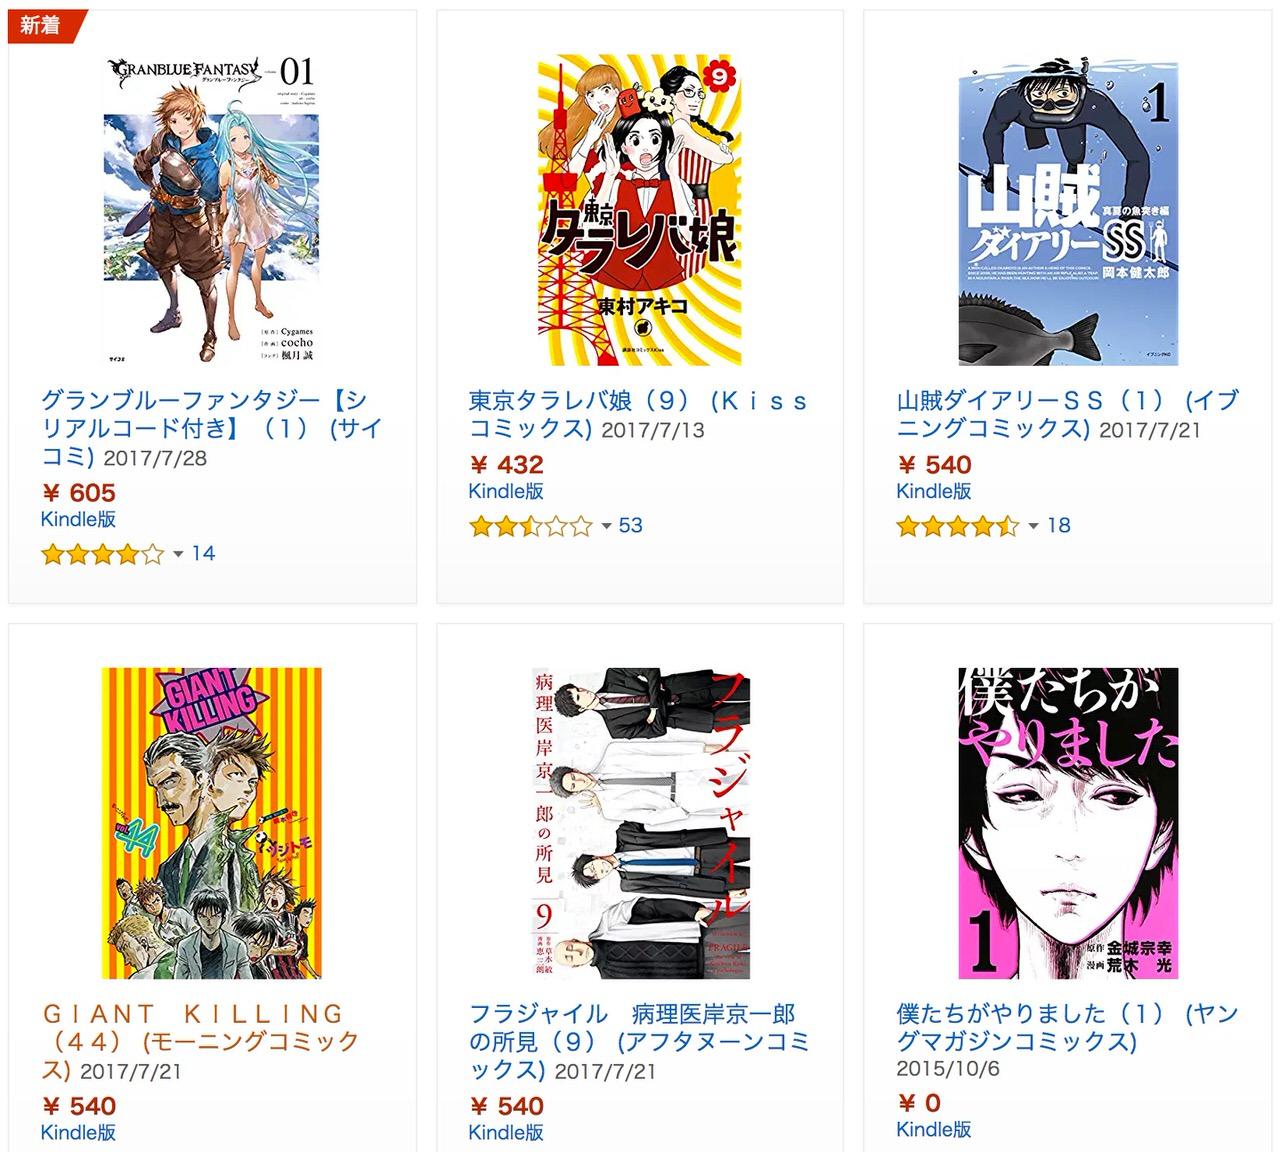 【Kindleセール】講談社のコミック2万冊以上が46%ポイント還元中(8/6まで)〜山賊ダイアリーSS・少女ファイト・僕たちがやりました・めしにしましょう・東京タラレバ娘・いちえふ・累など